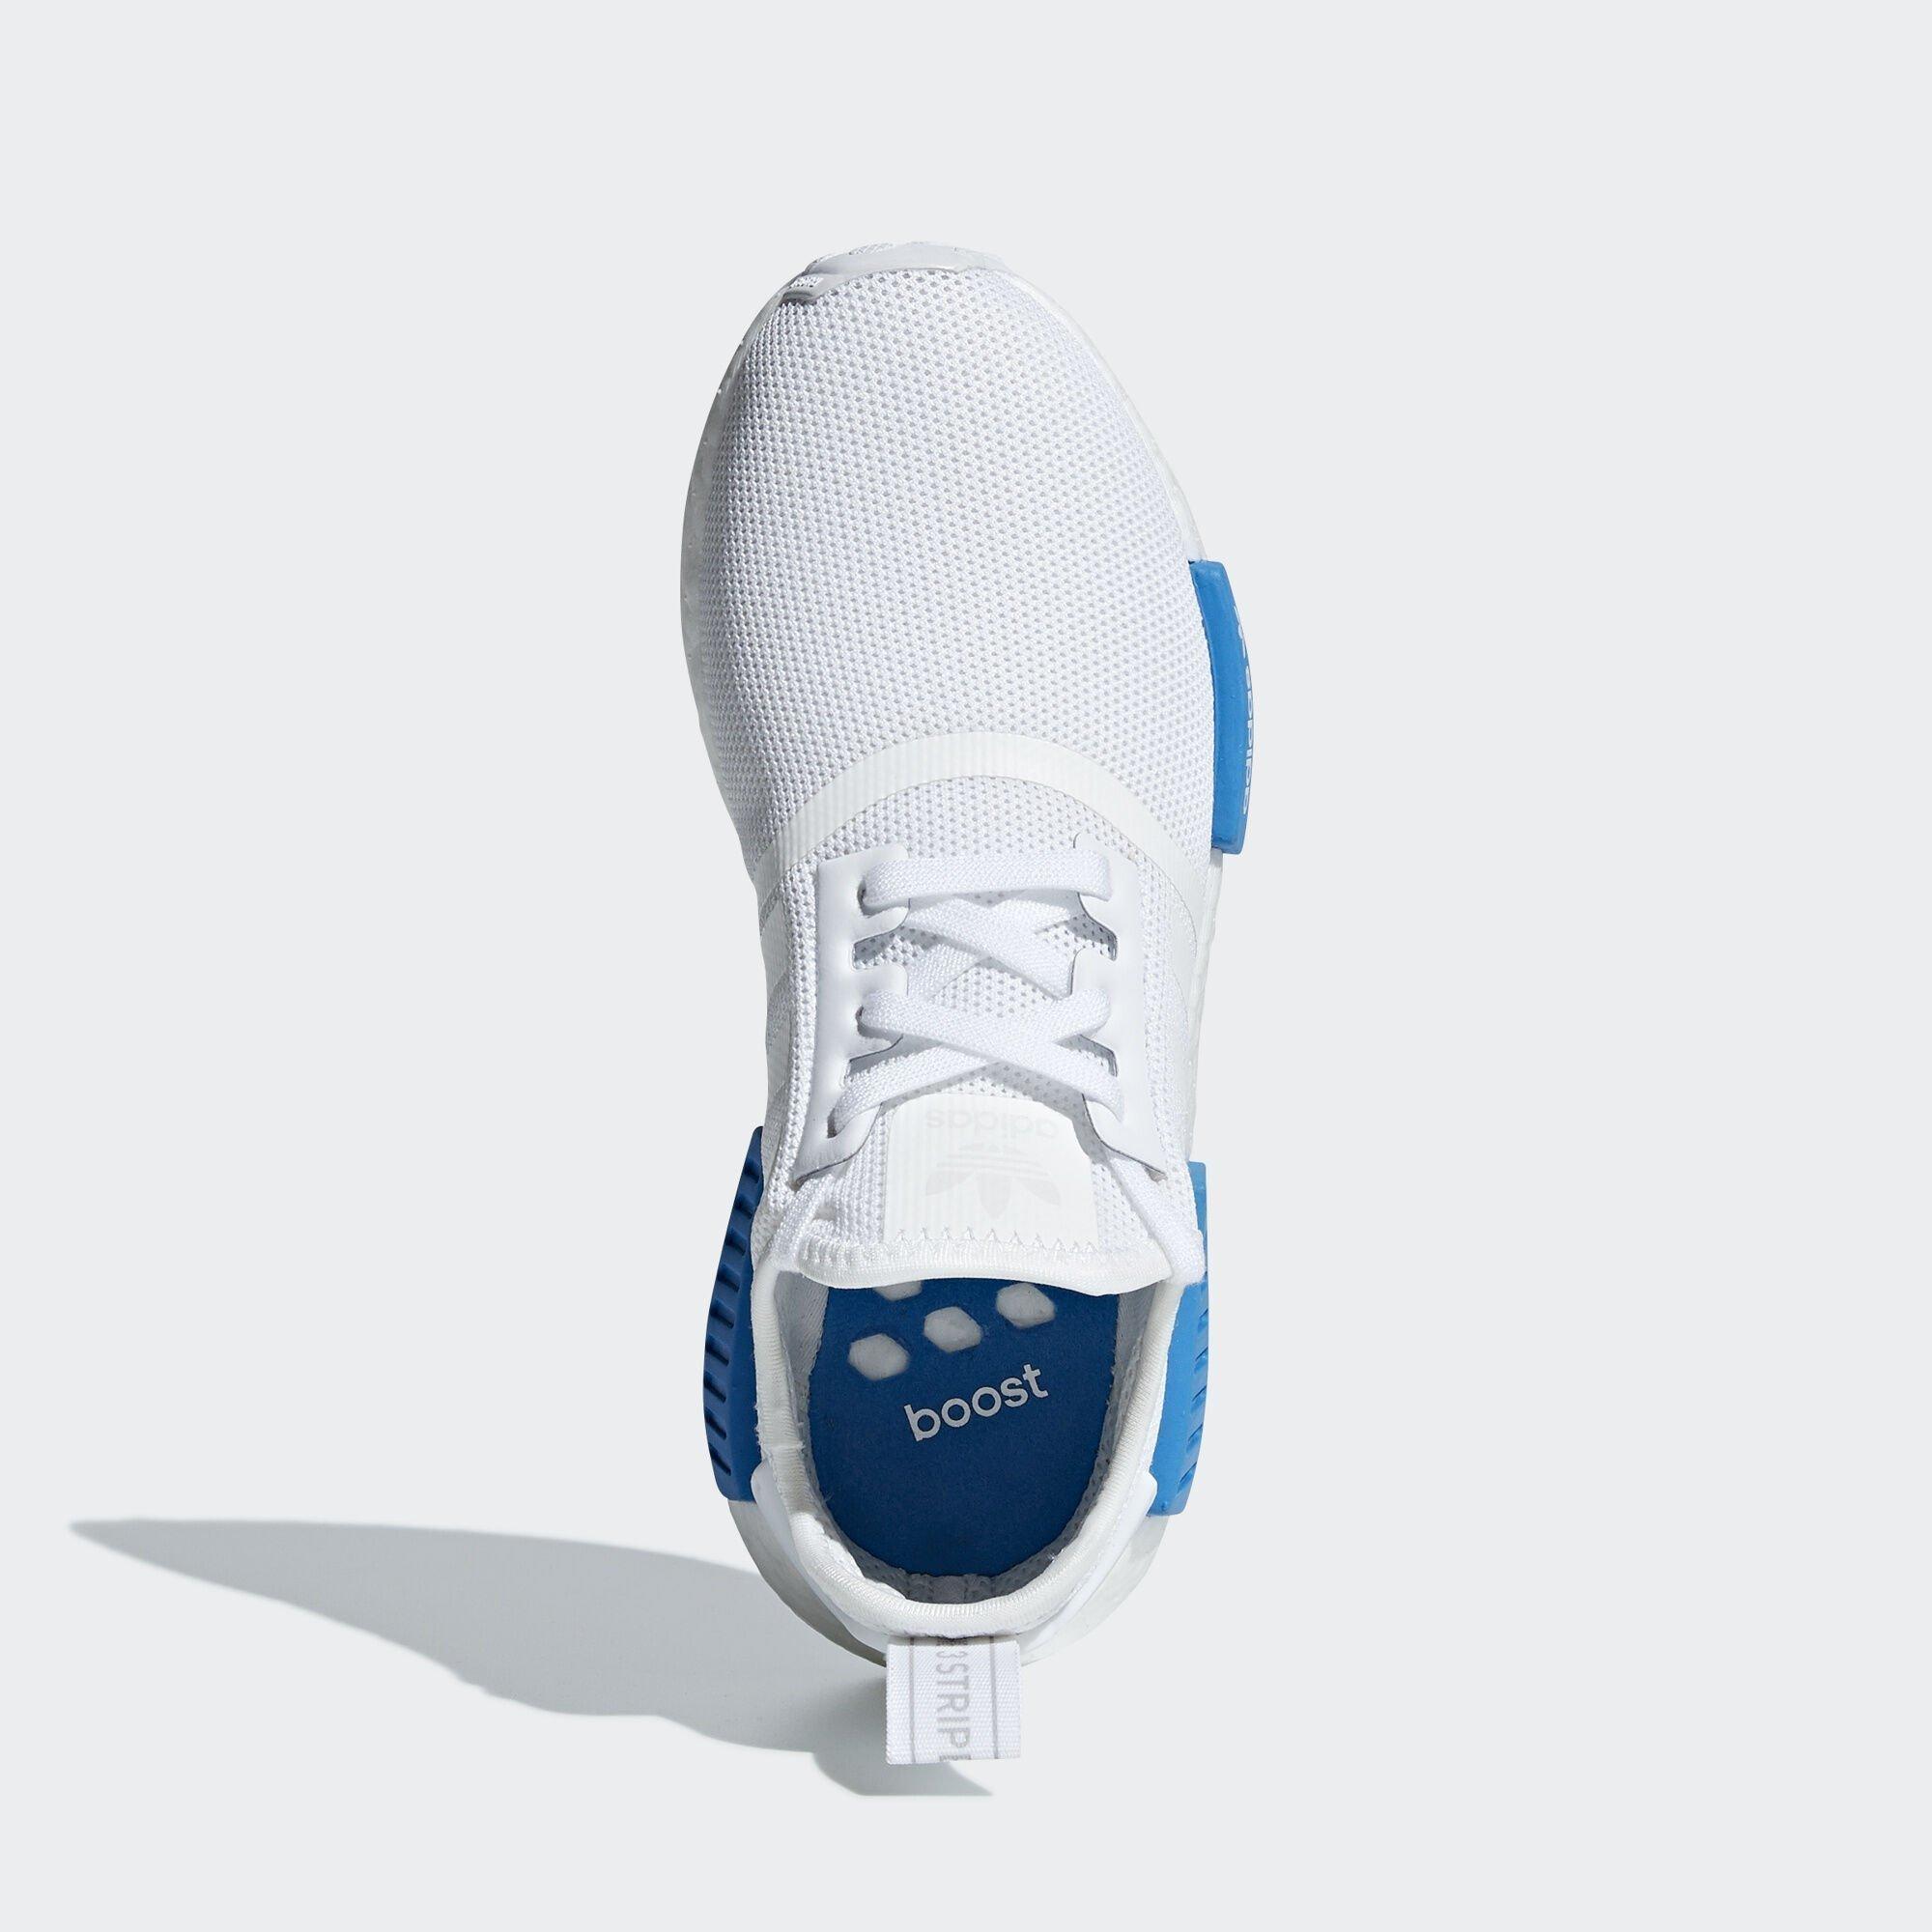 adidas  NMD R1 Cloud White Bright Blue (GS) (AQ1785)